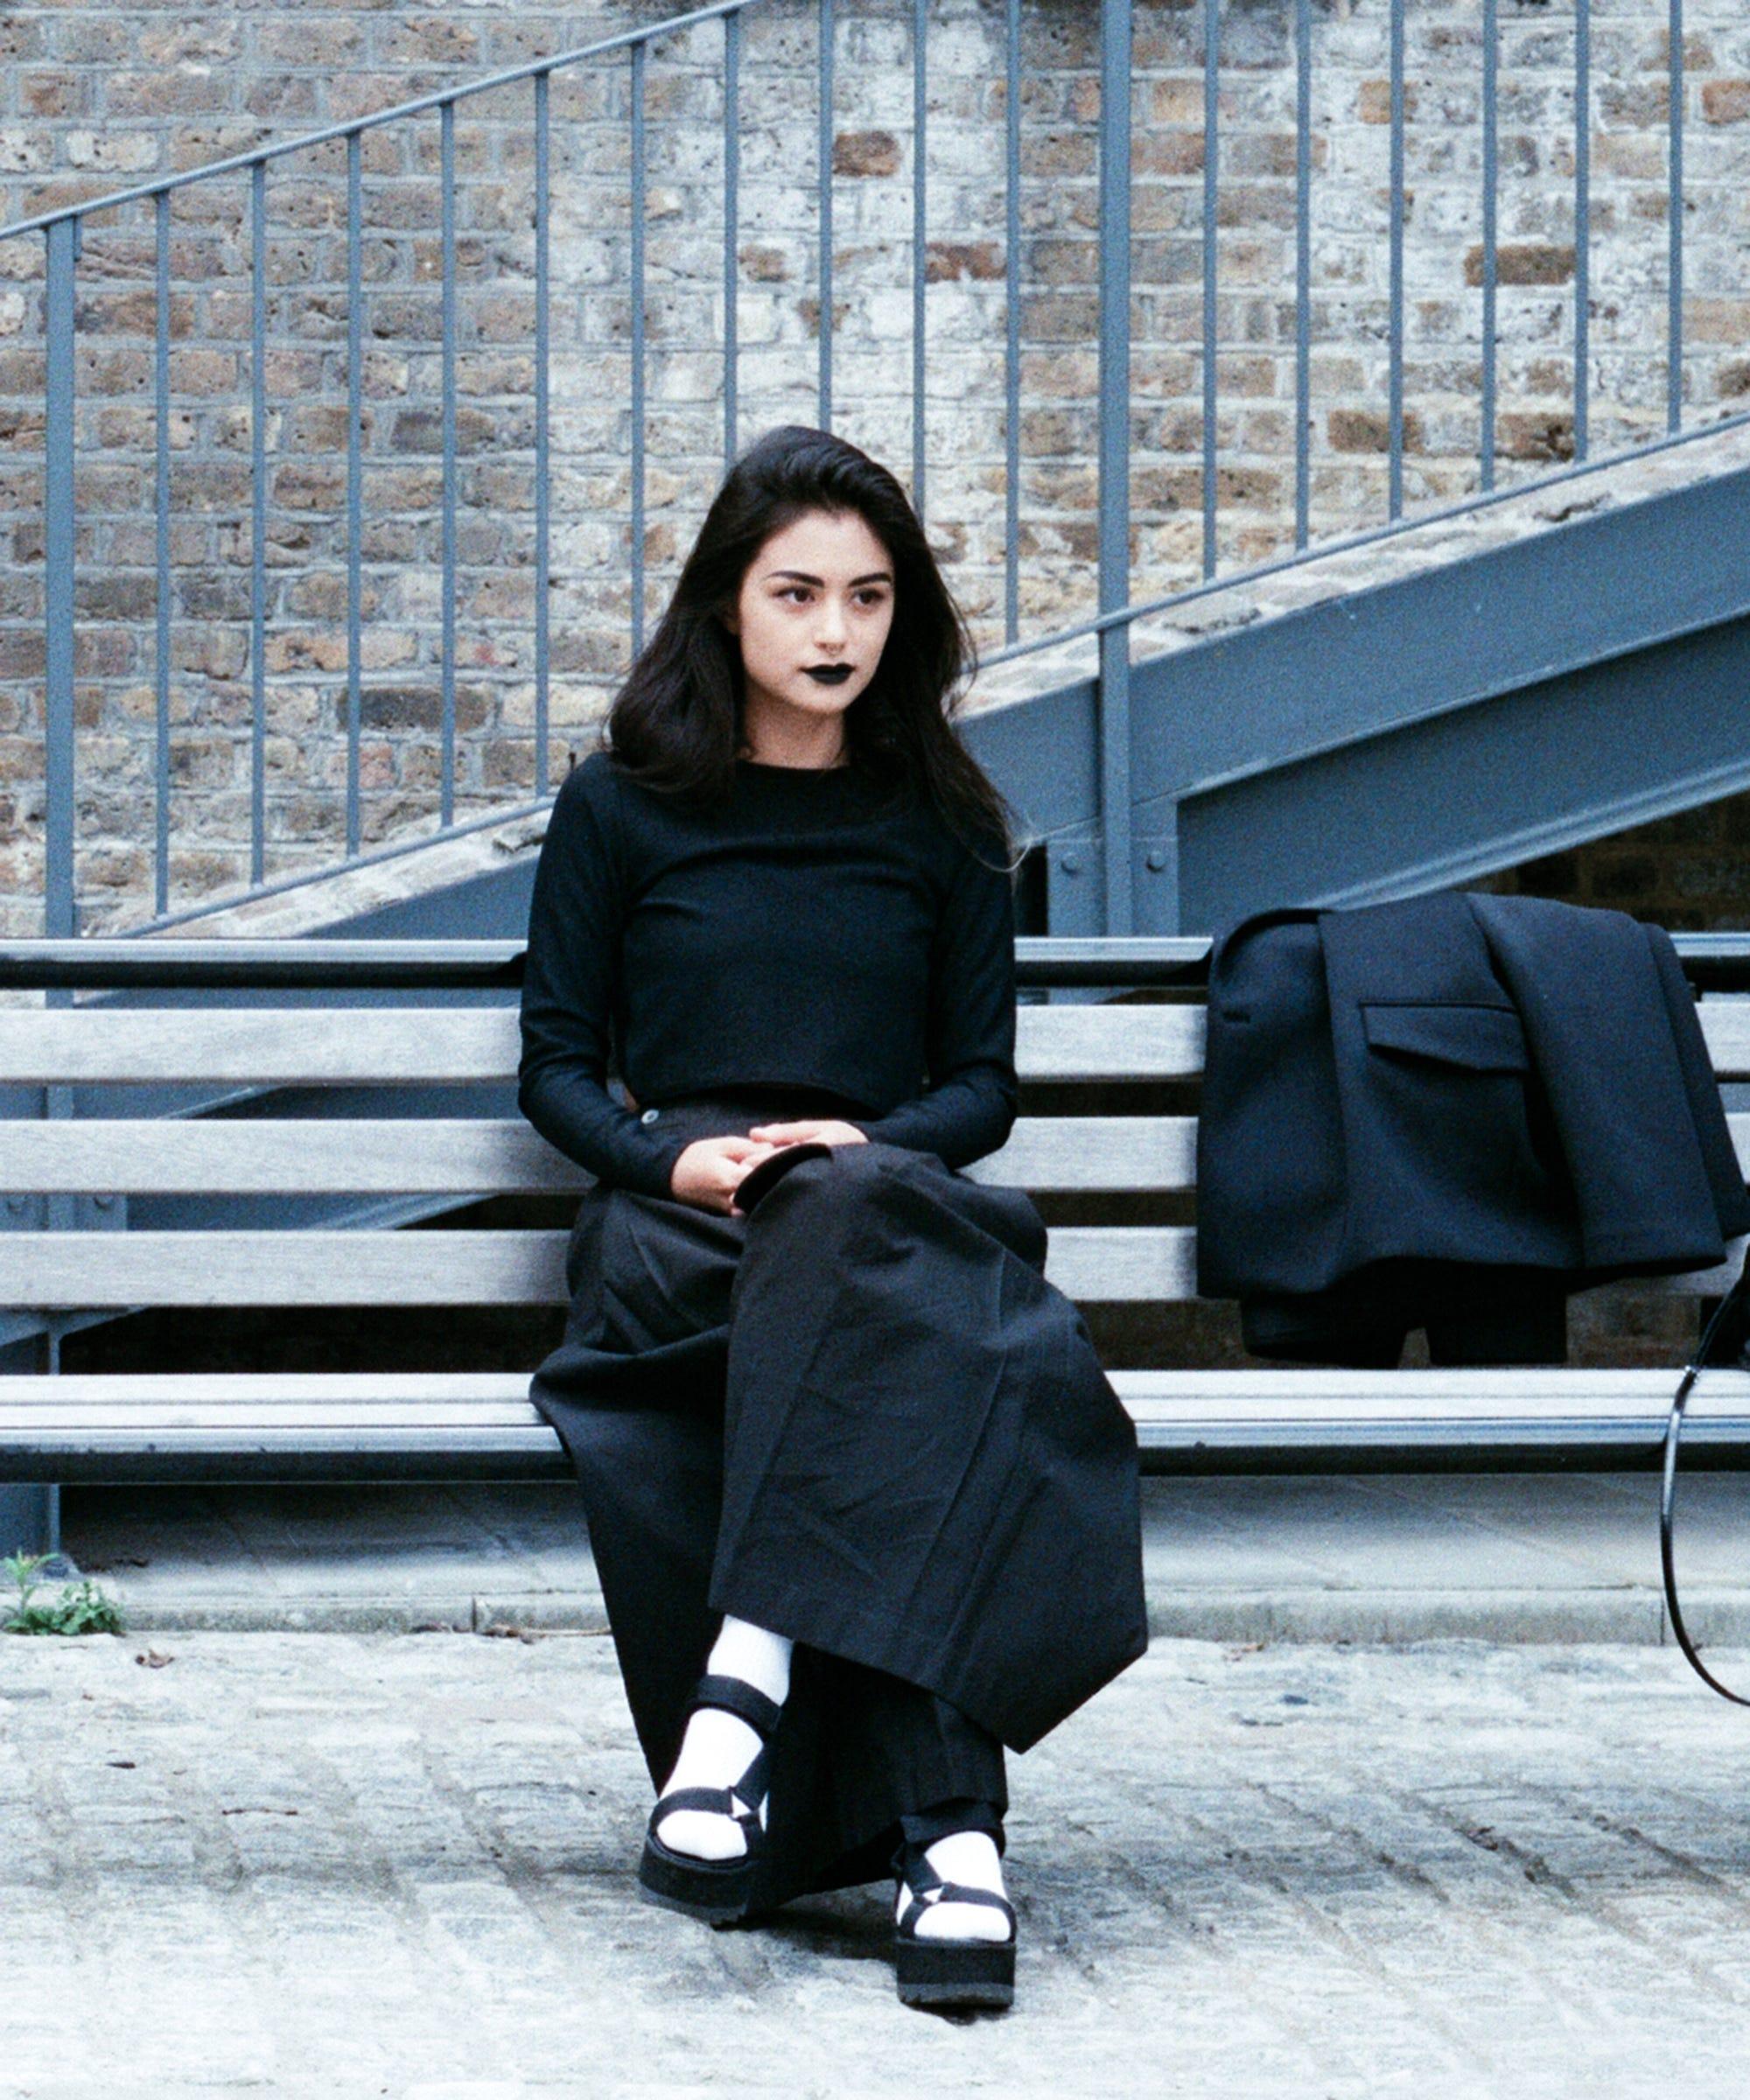 wearing-black-karlmond-tang-main